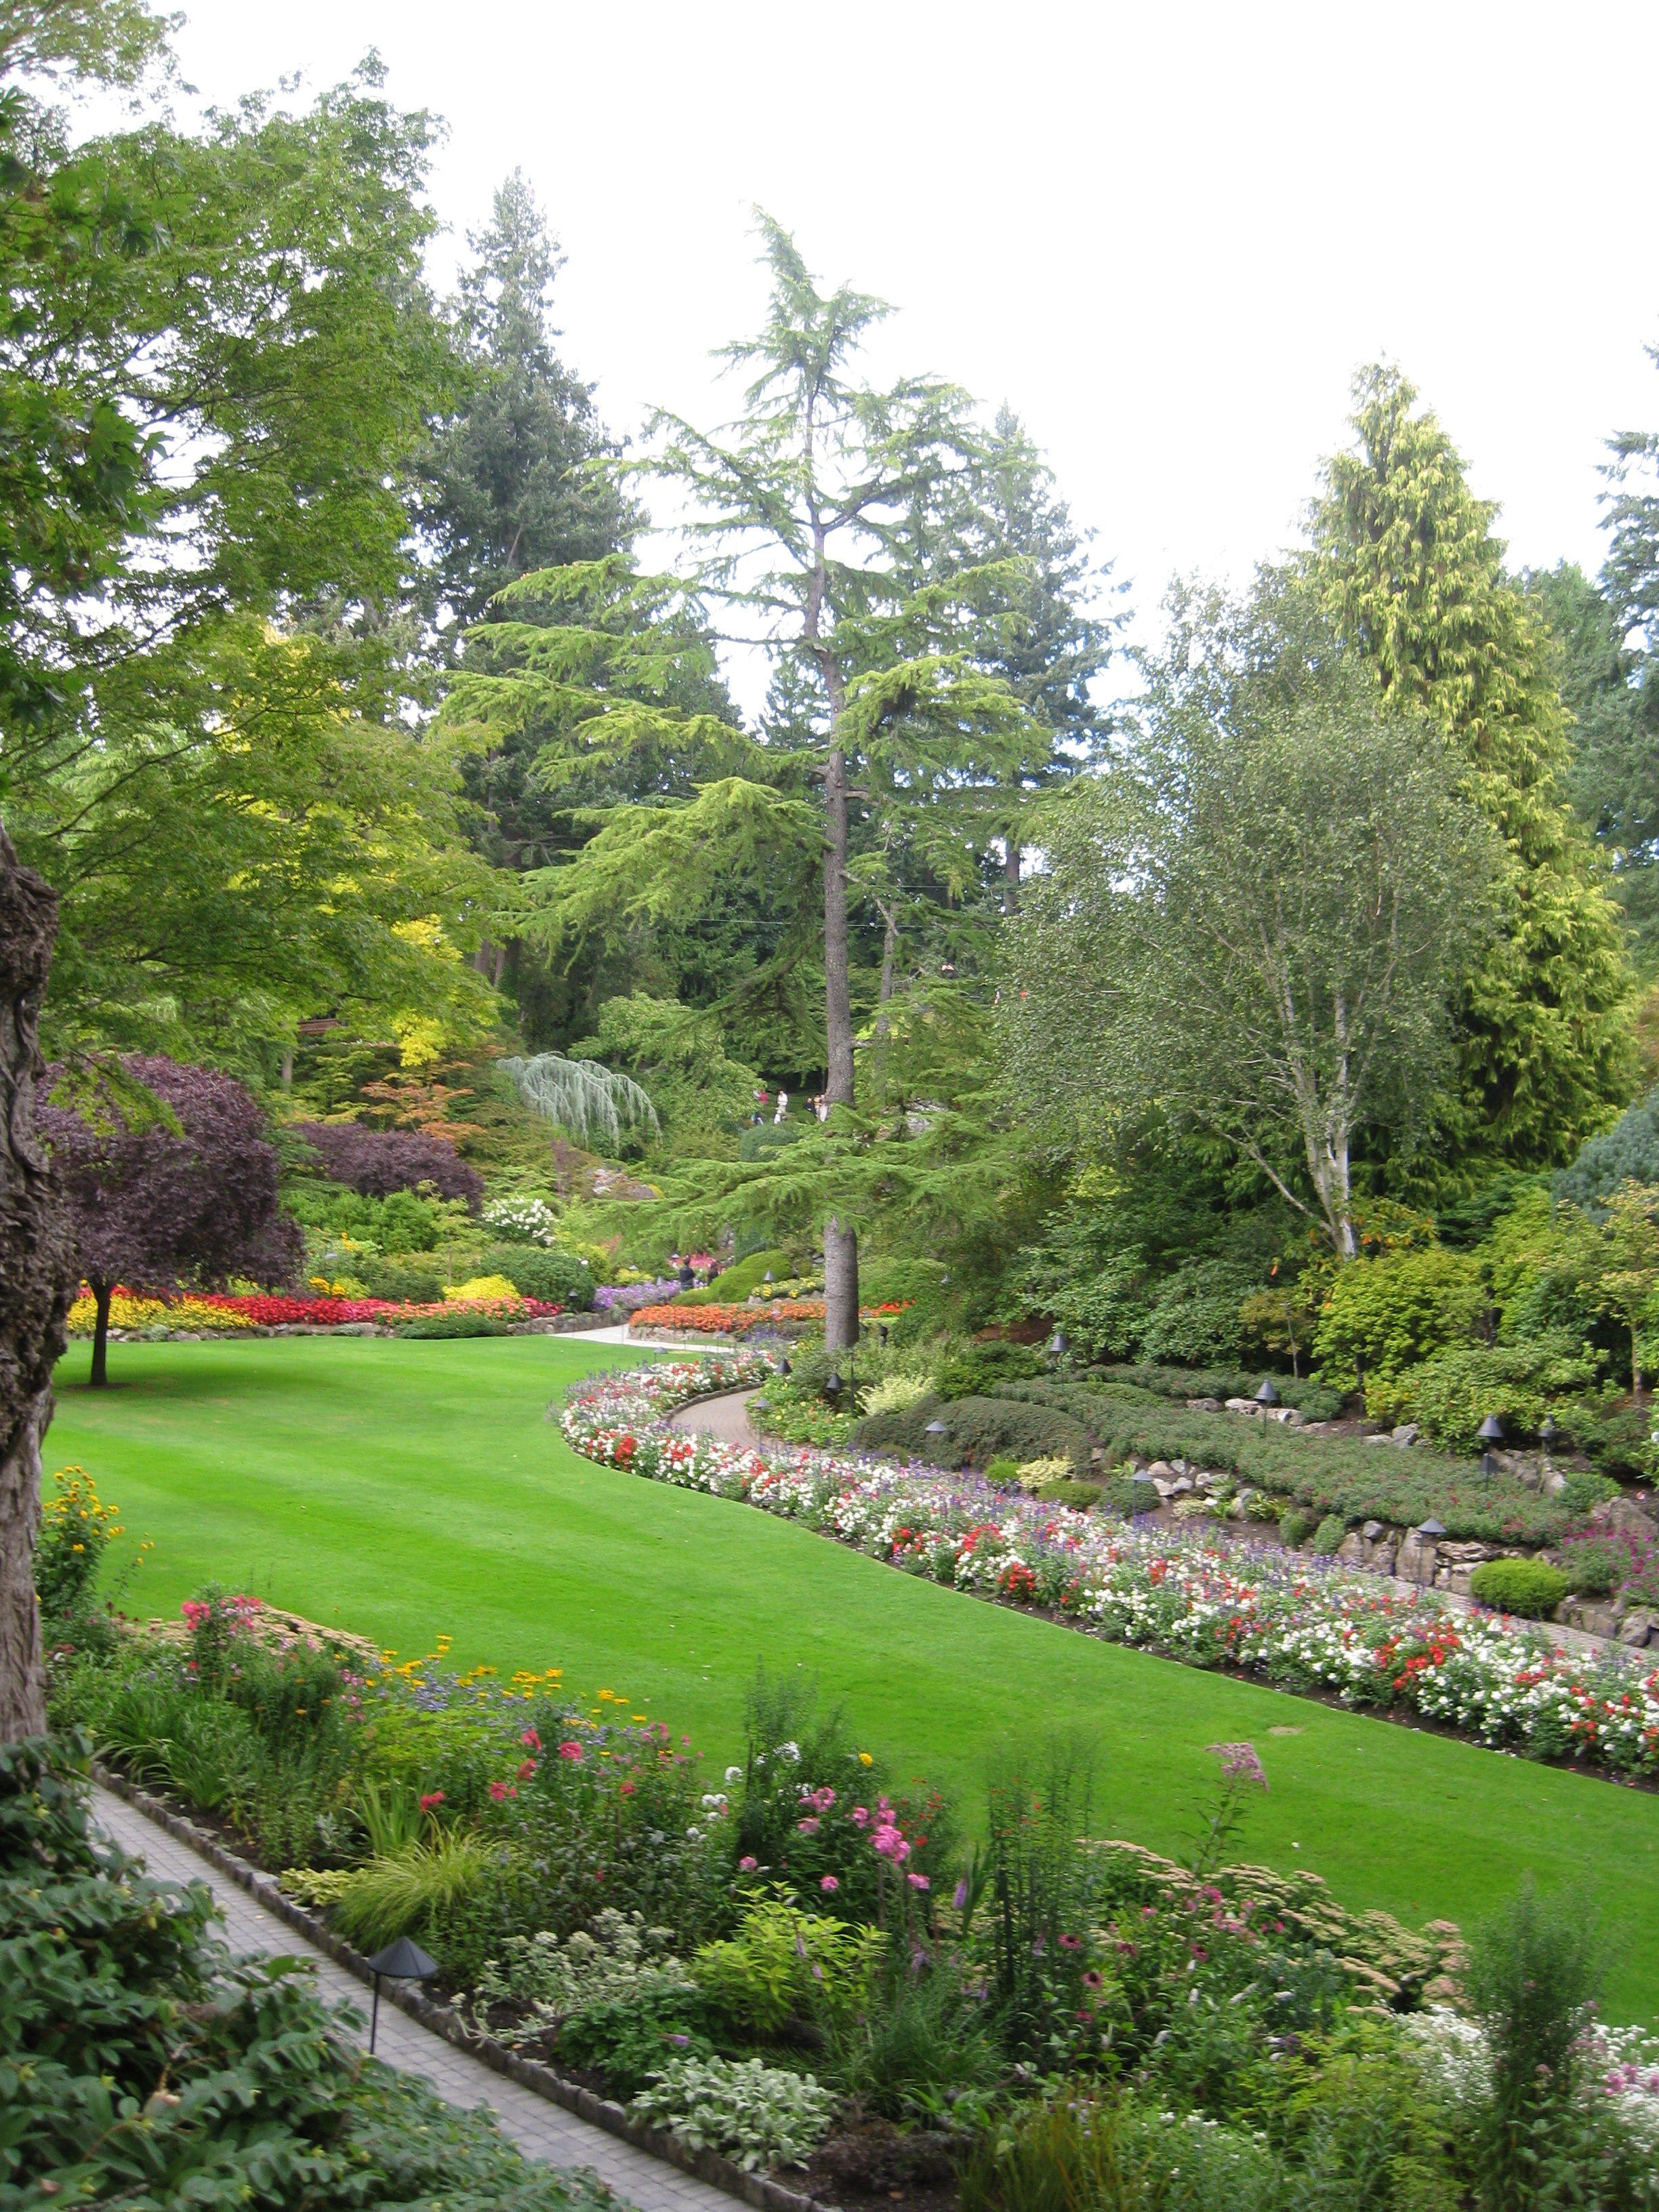 Butchart Gardens Botanical gardens near me, Buchart